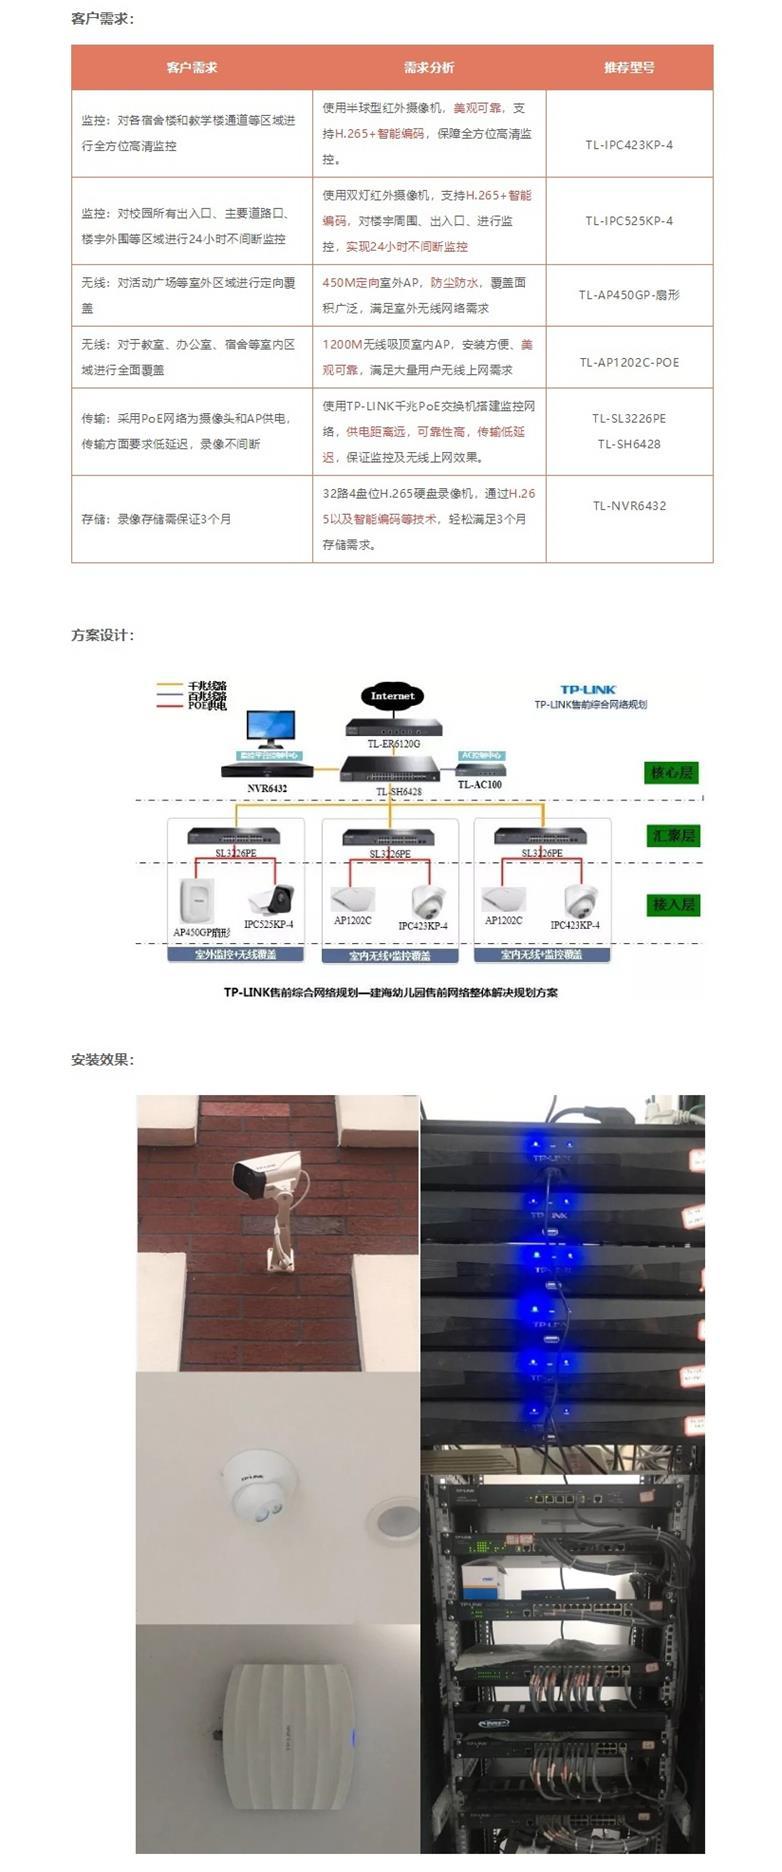 无线AP网络布线弱电工程电话,网络布线弱电工程